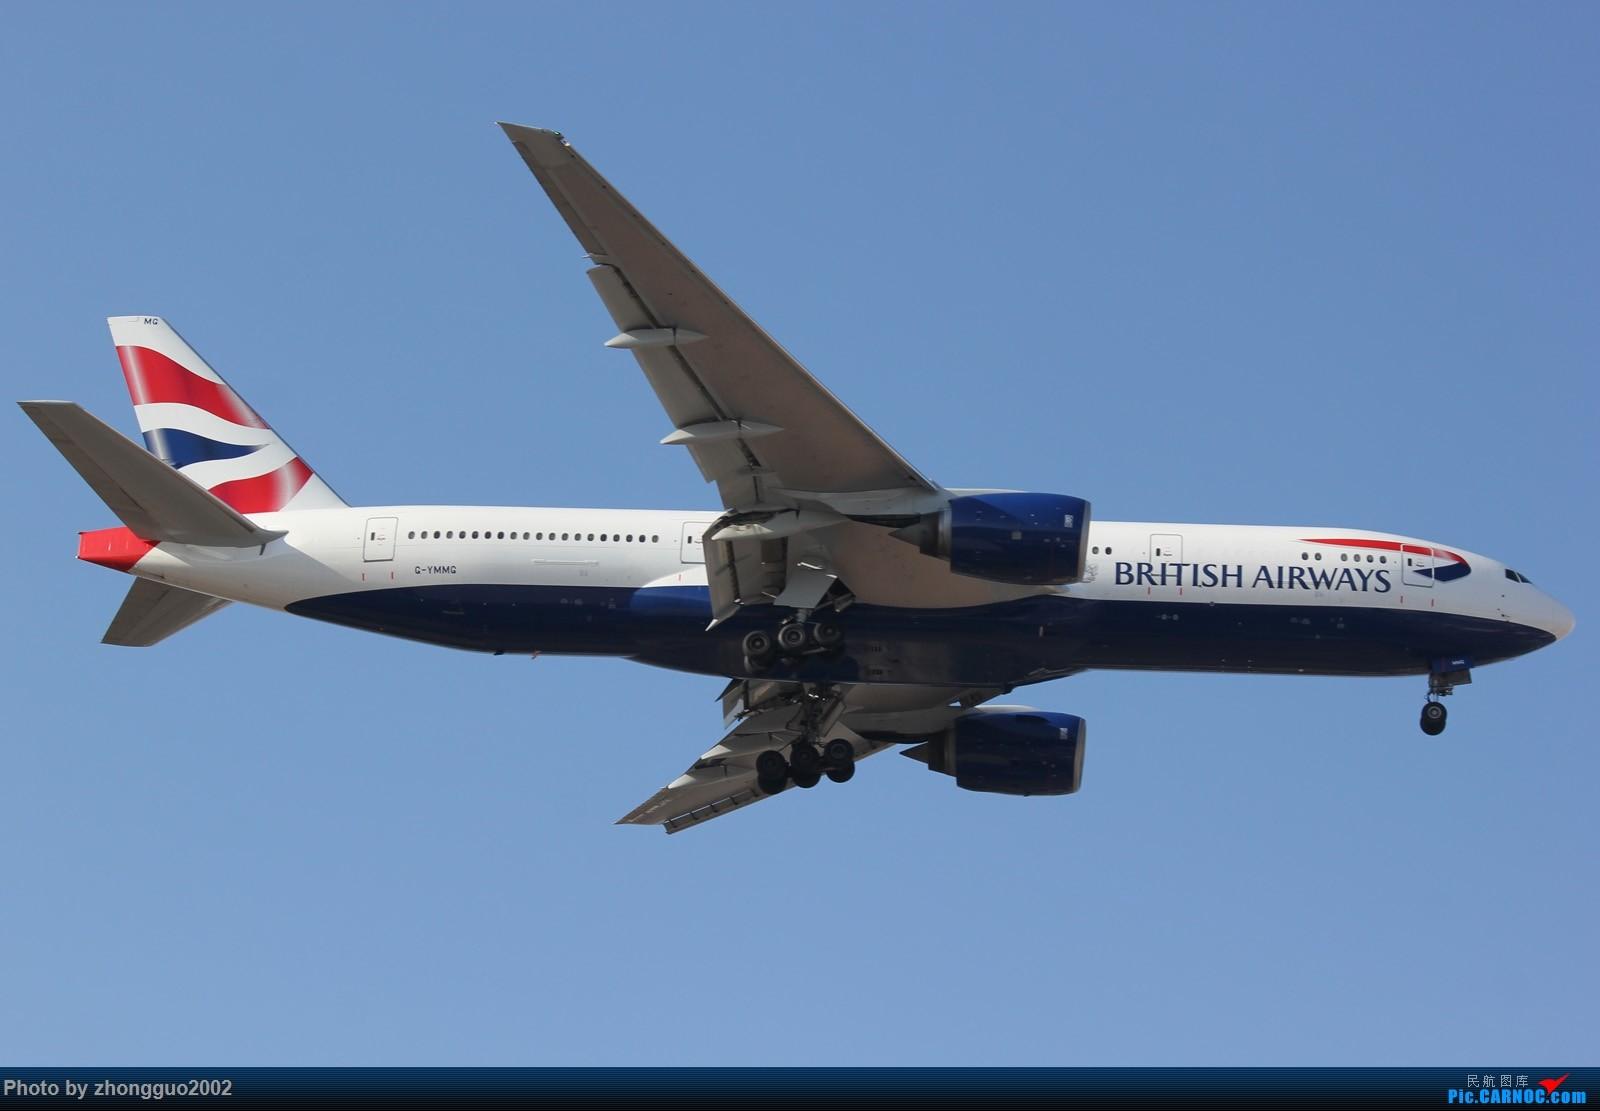 """Re:[原创]北京强劲的偏北风,把庞大的A380都""""吹""""的复飞了,我还是第一次见到,好天气再发点图吧! BOEING 777 G-YMMG PEK"""